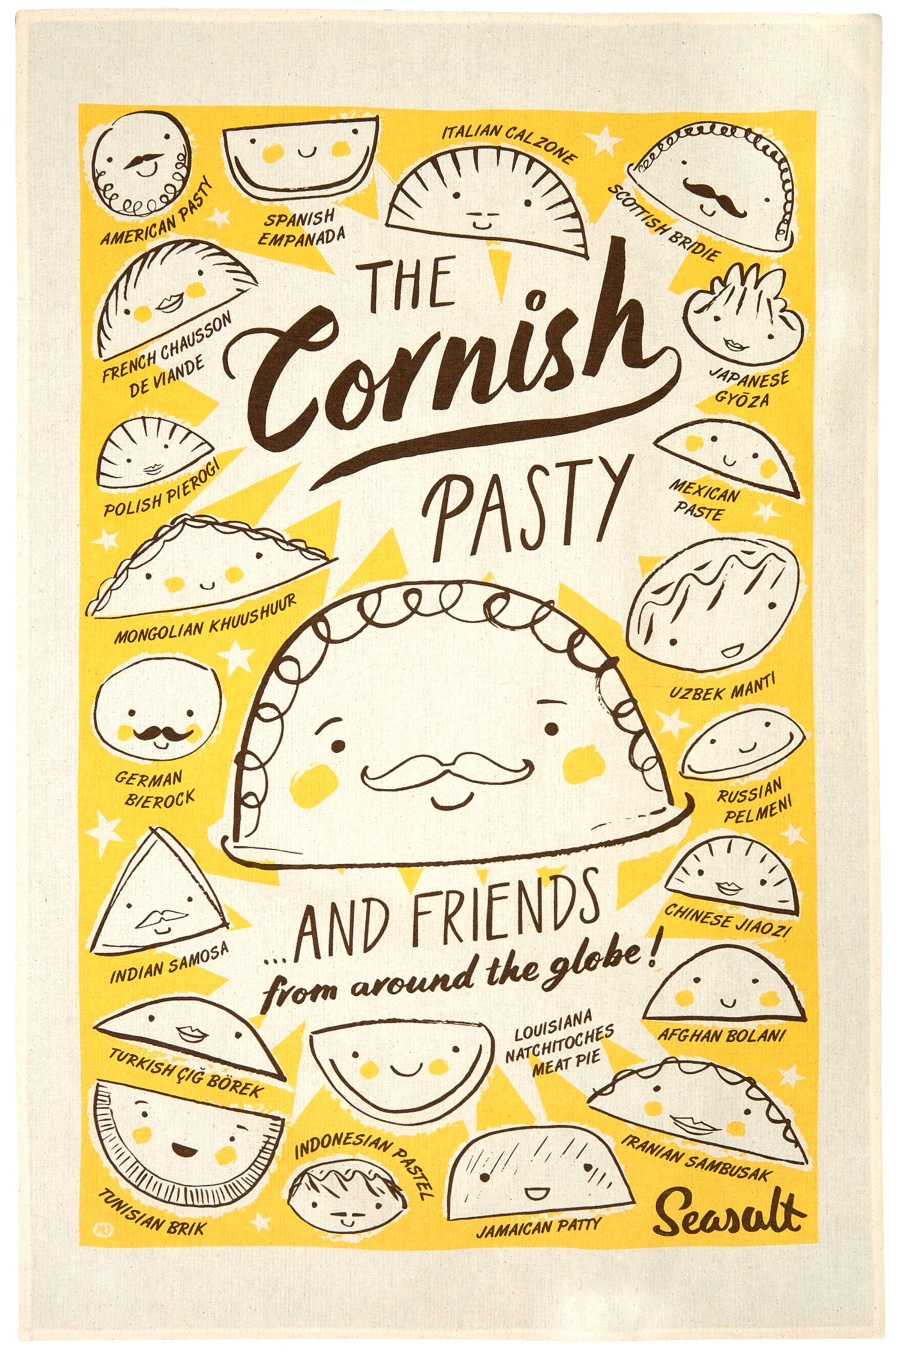 Cornish pasty and friends from around the globe by Matt Johnson